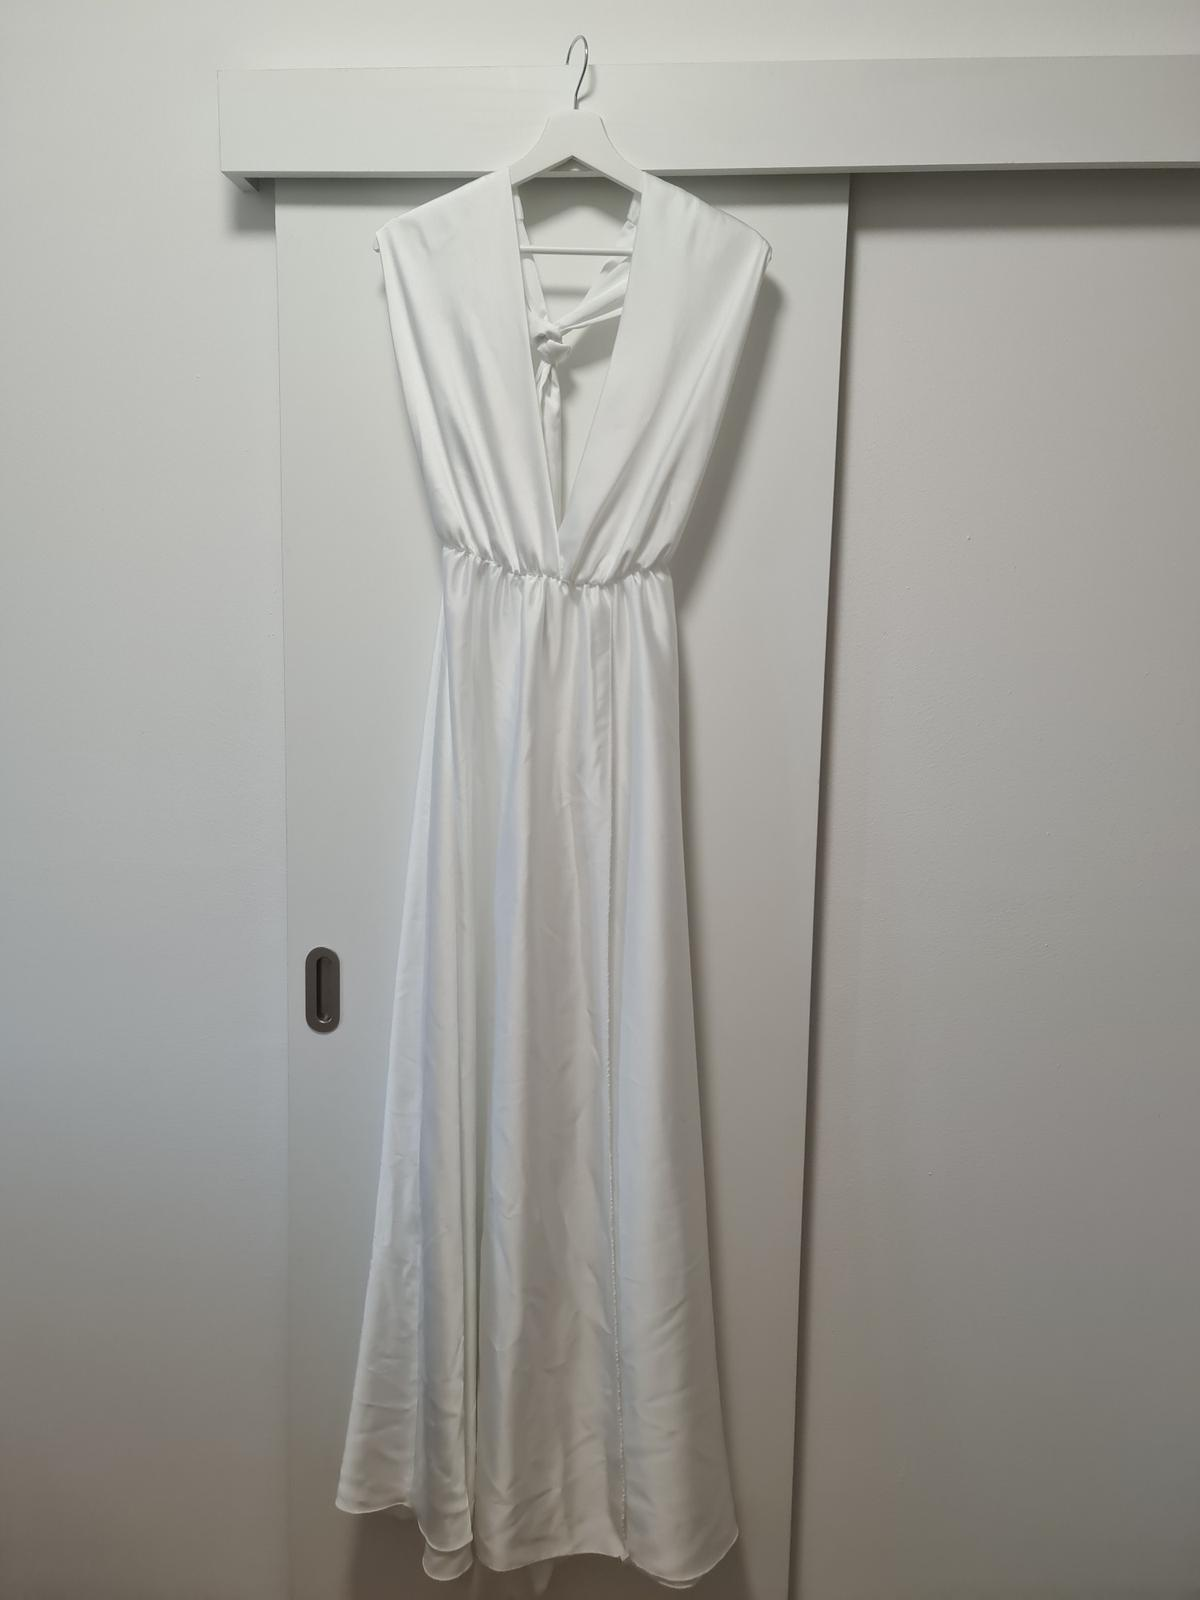 Šaty - Obrázek č. 1